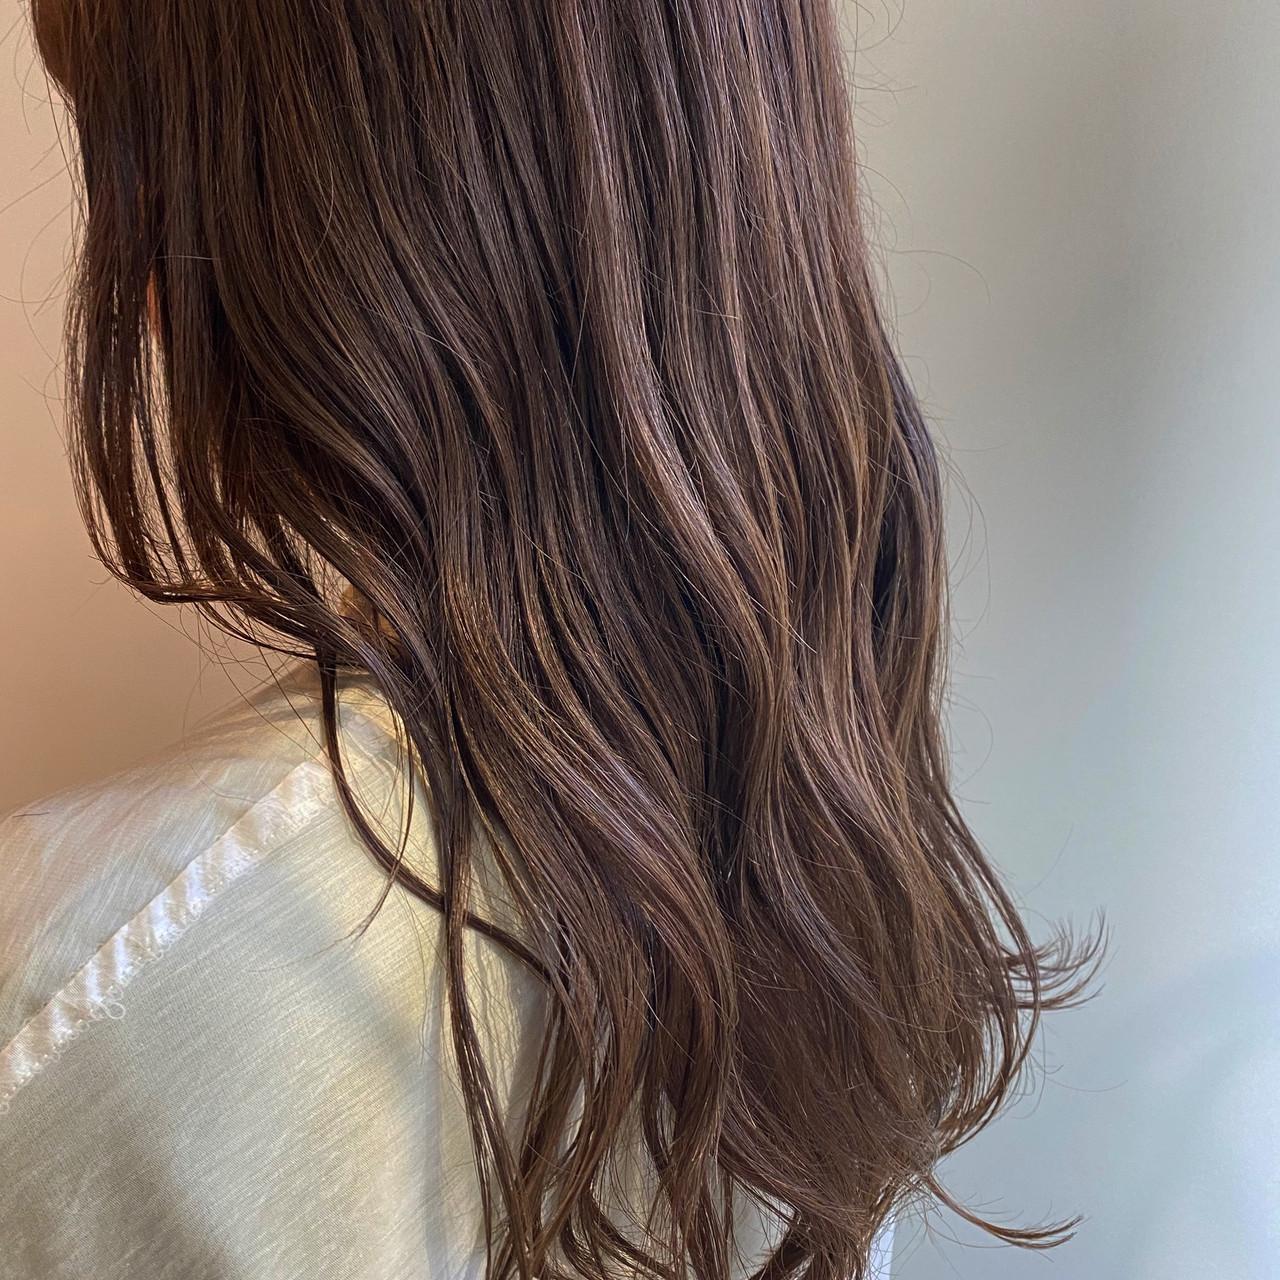 ミルクティーブラウン ナチュラル ブラウンベージュ セミロング ヘアスタイルや髪型の写真・画像